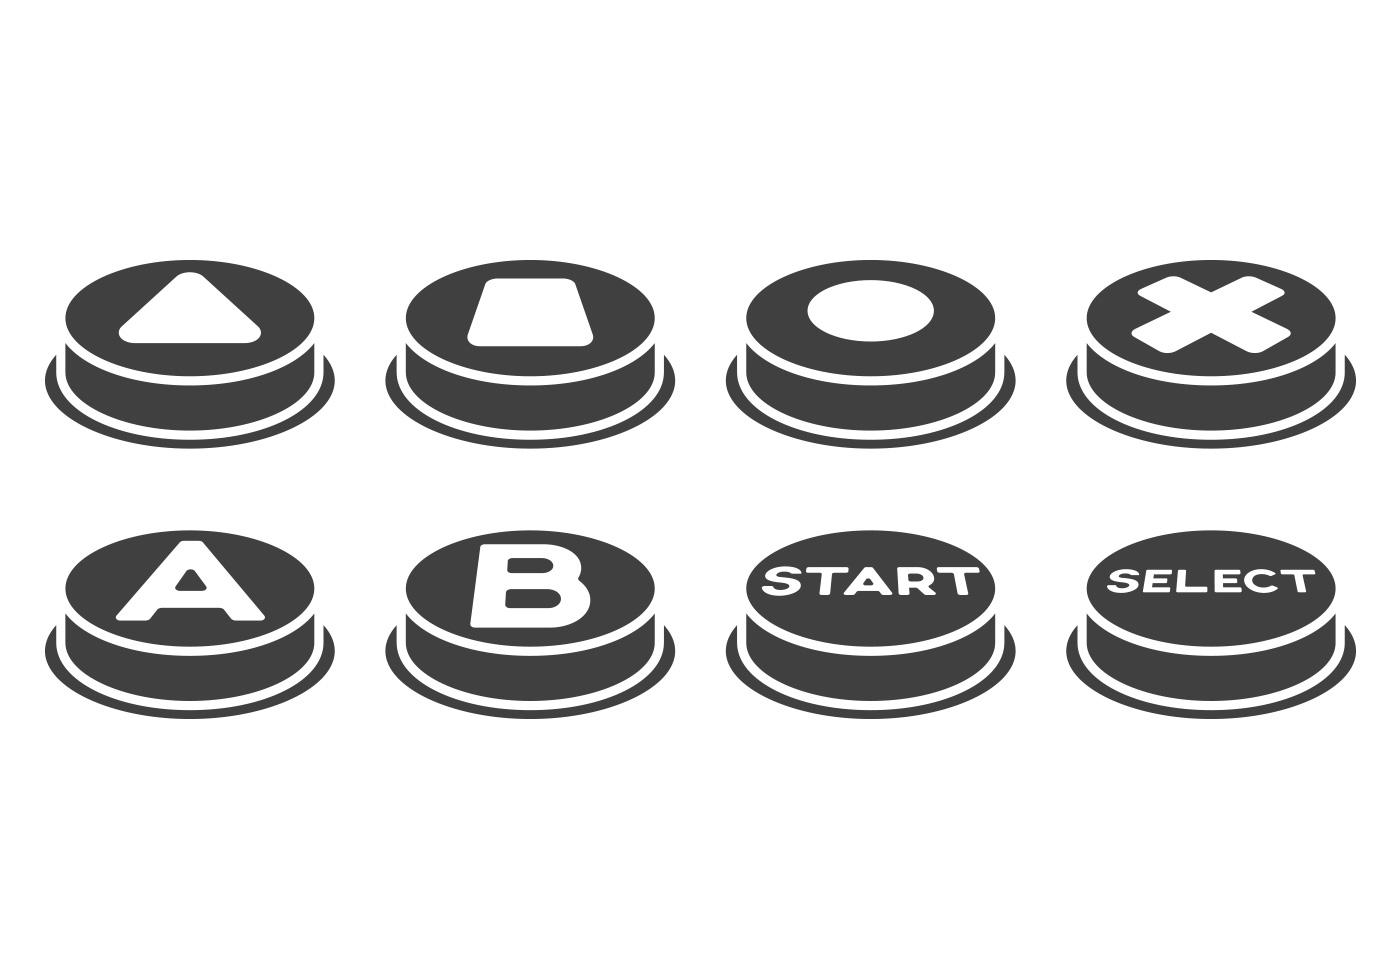 Free Arcade Button Vectors